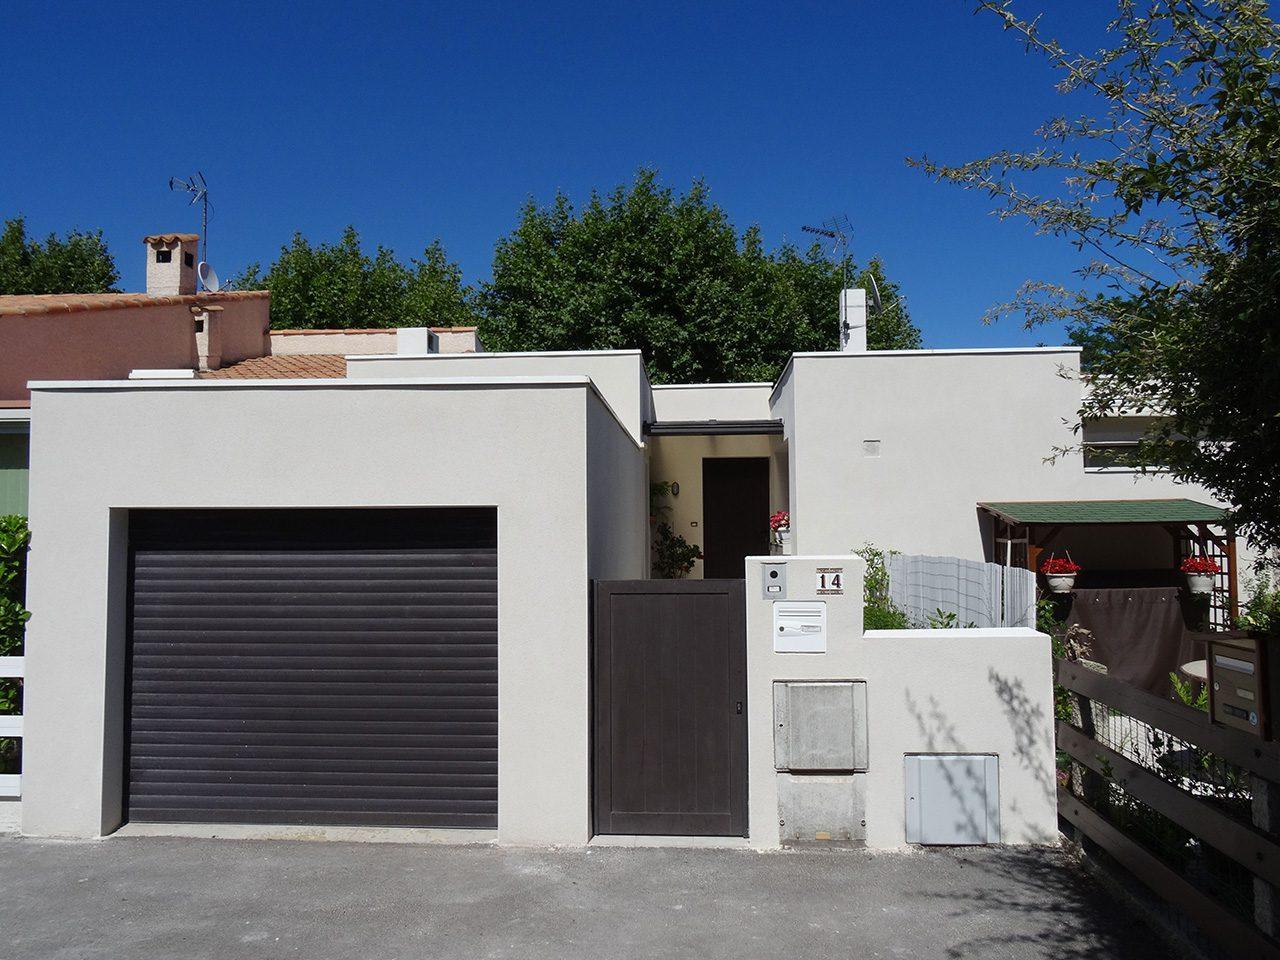 Ravalement de façade et isolation - MONTPELLIER (34) - Agence illiCO travaux Montpellier